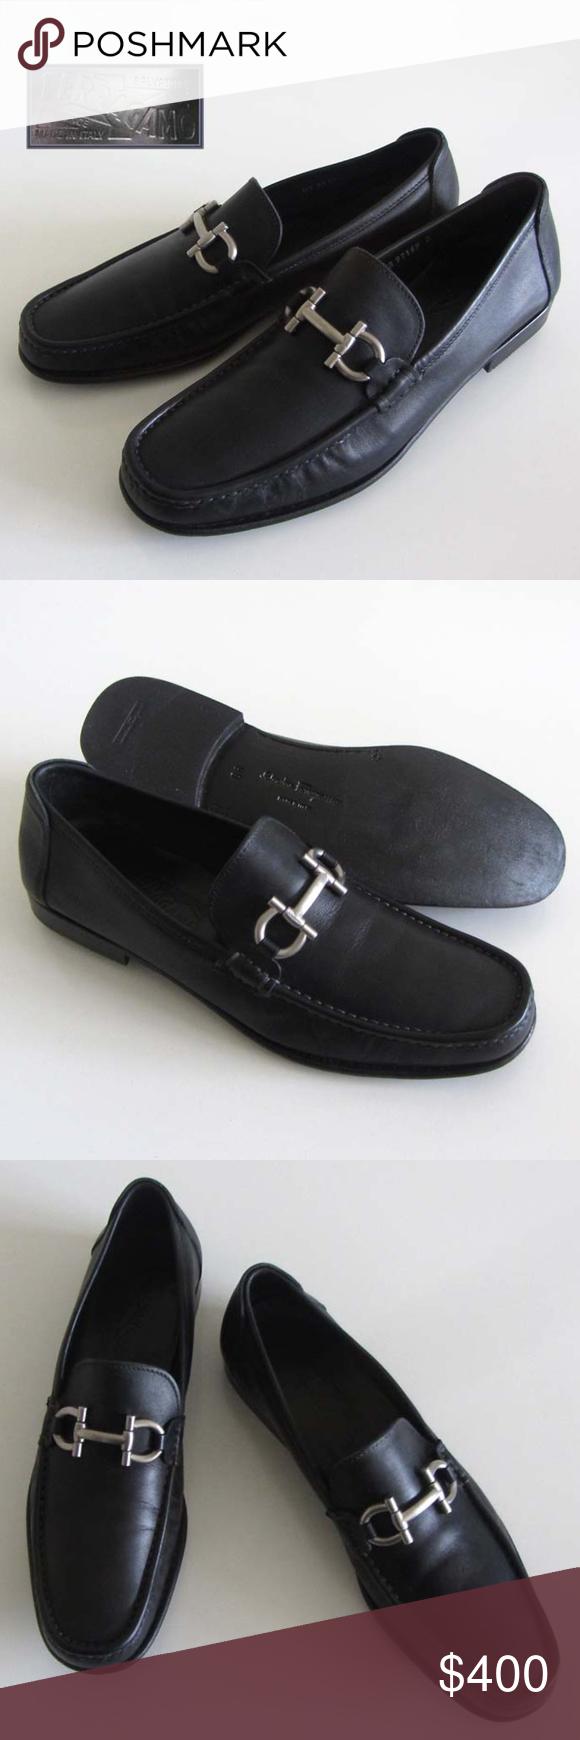 Ferragamo Cancun Gancini Bit Blk Loafers 9 D Shoes Loafers Ferragamo Dress Shoes Men [ 1740 x 580 Pixel ]